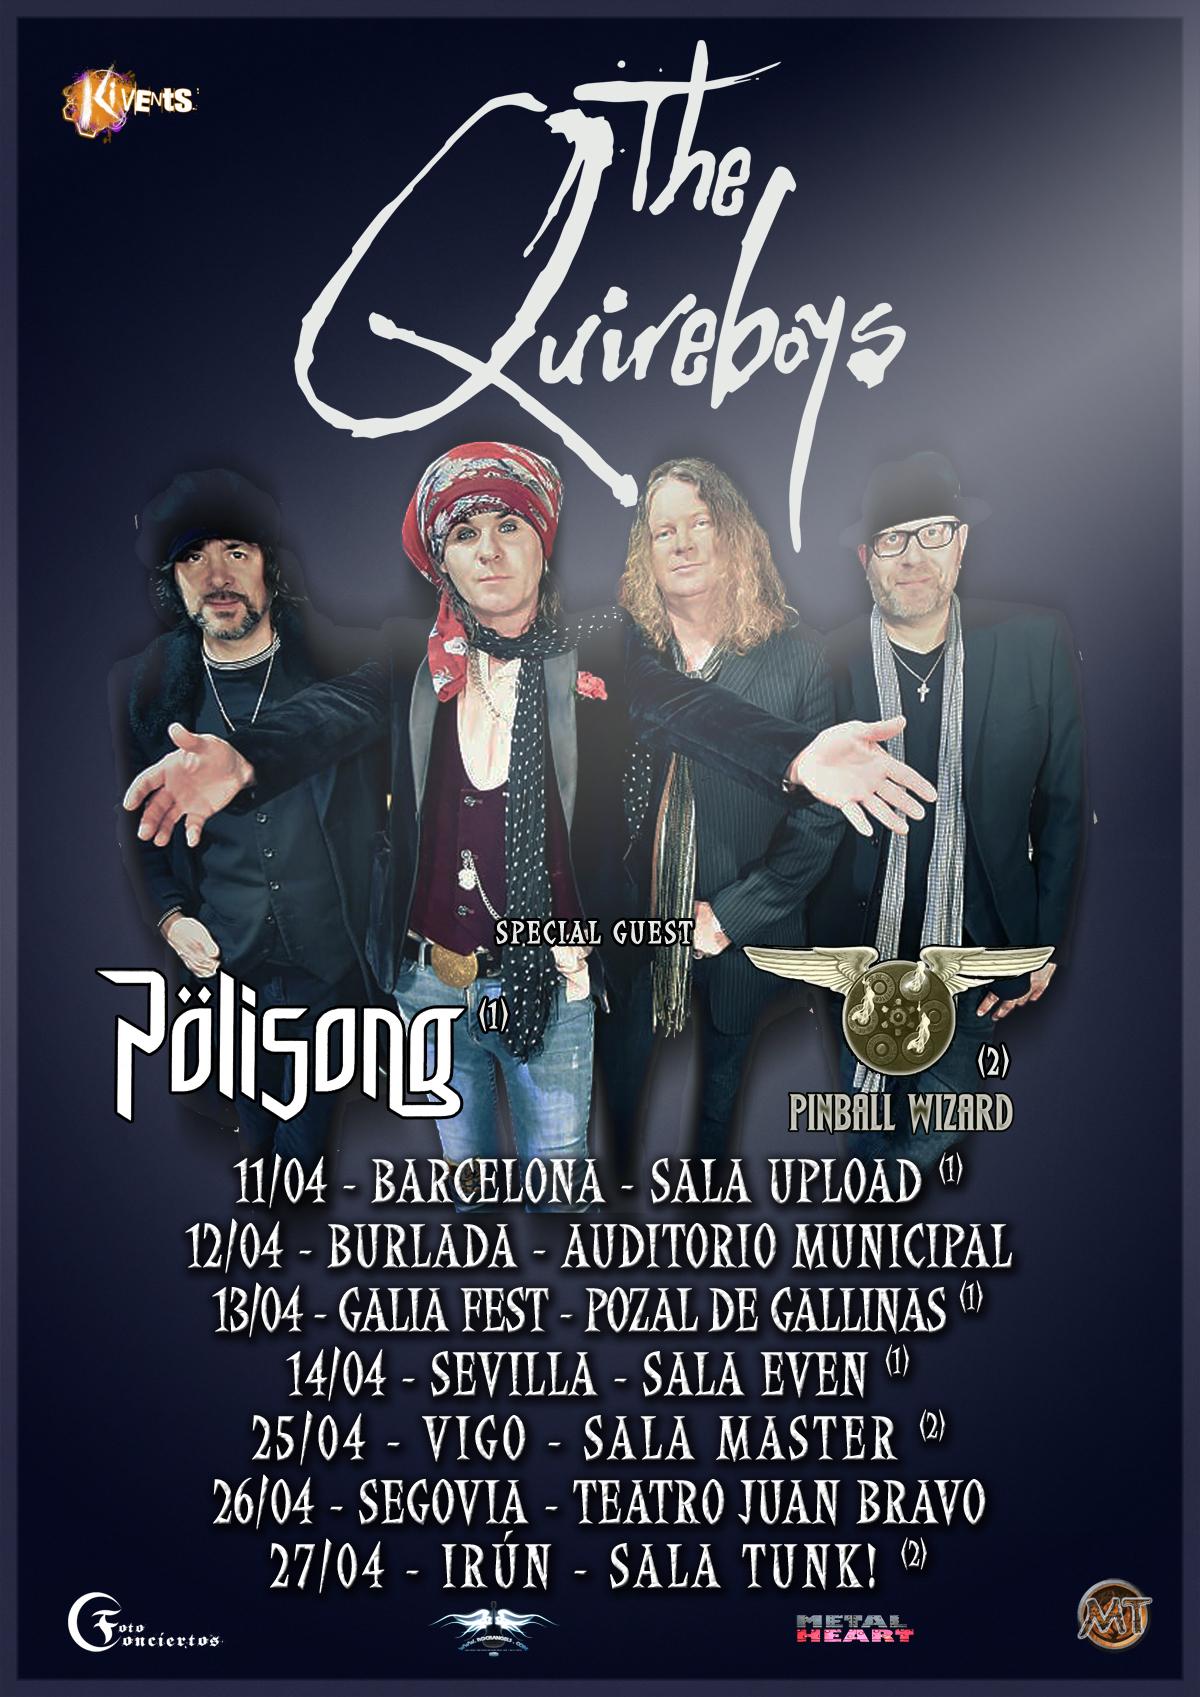 The Quireboys: nuevo álbum y fechas española